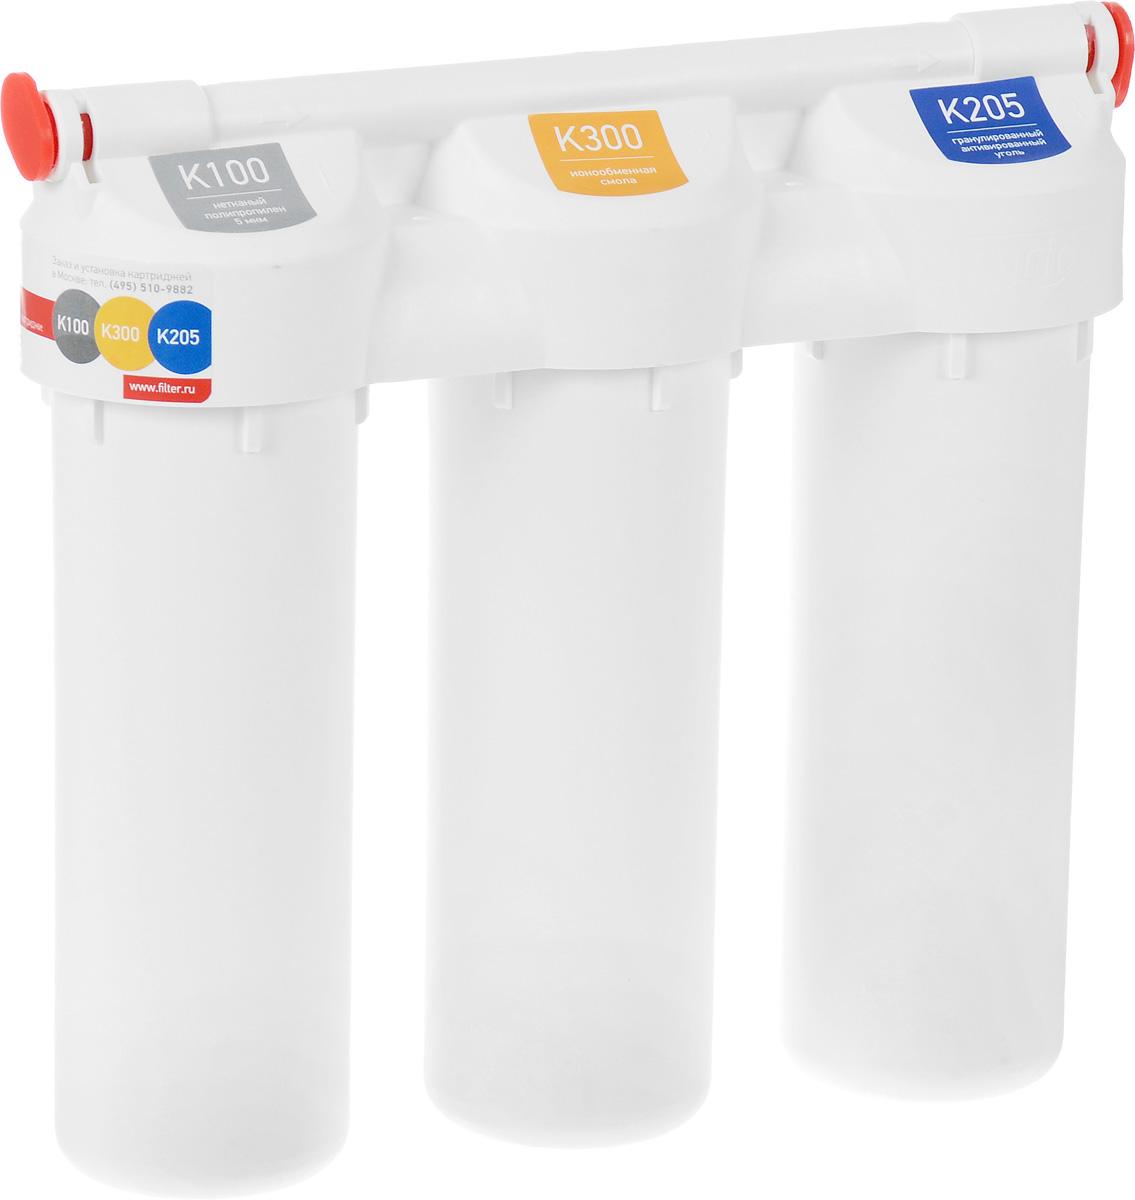 Фильтр под мойку Prio Praktic, для универсальной очистки водыEU 300Фильтр под мойку Prio Praktic обеспечивает универсальную очистку водопроводной воды от распространенных загрязнителей: механических примесей (ржавчины, ила, песка), растворенных примесей, таких как свободного хлора, хлорорганических соединений, пестицидов, гербицидов, сельскохозяйственных удобрений и продуктов их распада, фенолов, нефтепродуктов, алюминия, тяжелых металлов, радиоактивных элементов, солей жесткости и иных органических и неорганических веществ. Умягчает воду. Устраняет неприятные запахи, улучшает вкус воды, снижает количество накипи на посуде. Выдерживает давление воды до 28 Атм. Рекомендуется для регионов с водой, характеризующейся нормальным и повышенным содержанием солей жесткости. В комплект уже входят картриджи, отдельный кран для очищенной воды и все необходимое для быстрой установки фильтра на месте эксплуатации. Установленные картриджи: Картридж механической очистки K100. Нетканый полимер 5 мкм. Сорбционный картридж K205....